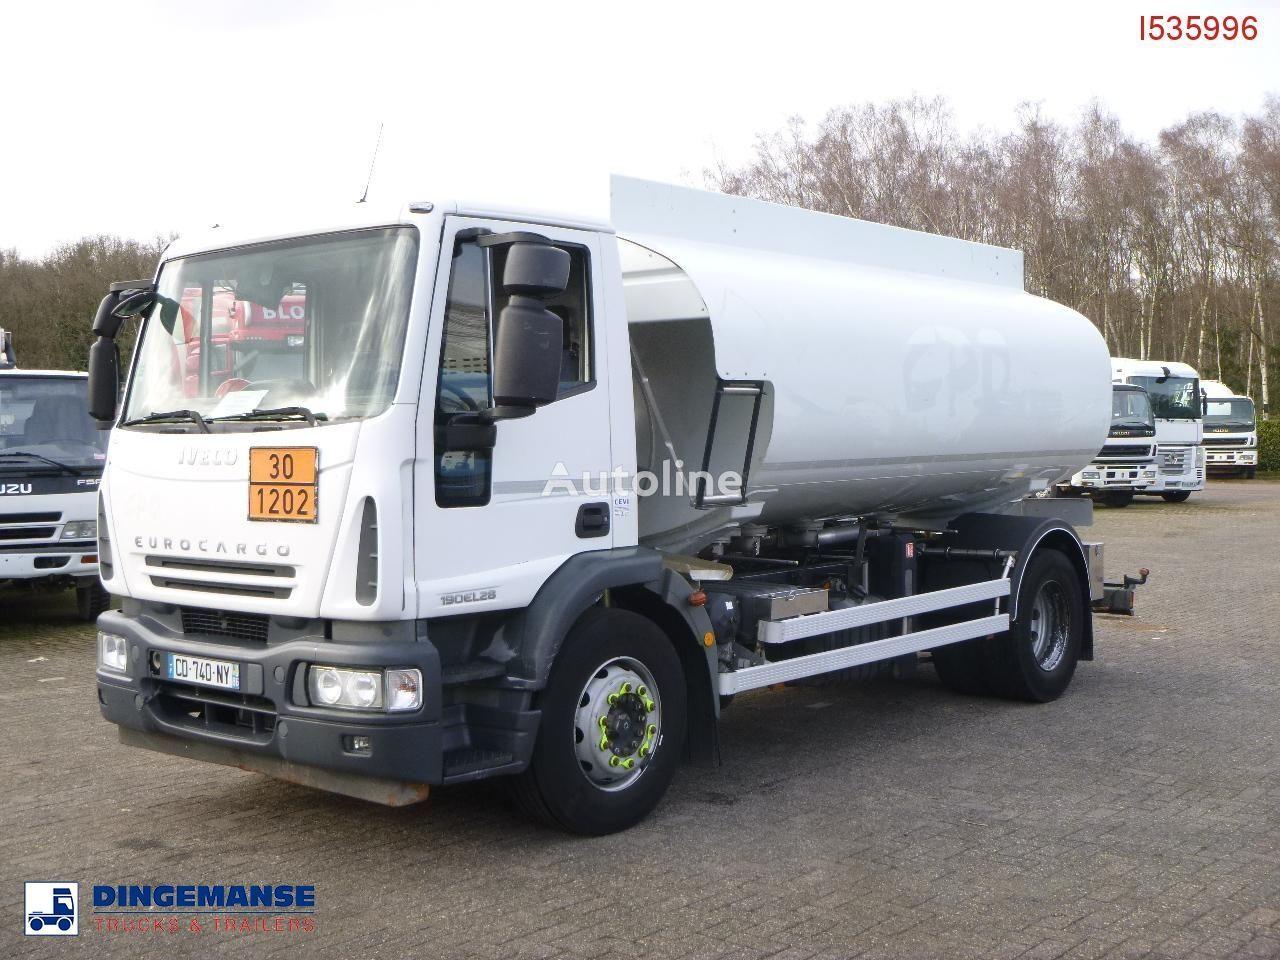 IVECO Eurocargo ML190EL28 4x2 fuel tank 13.7 m3 / 4 comp fuel truck